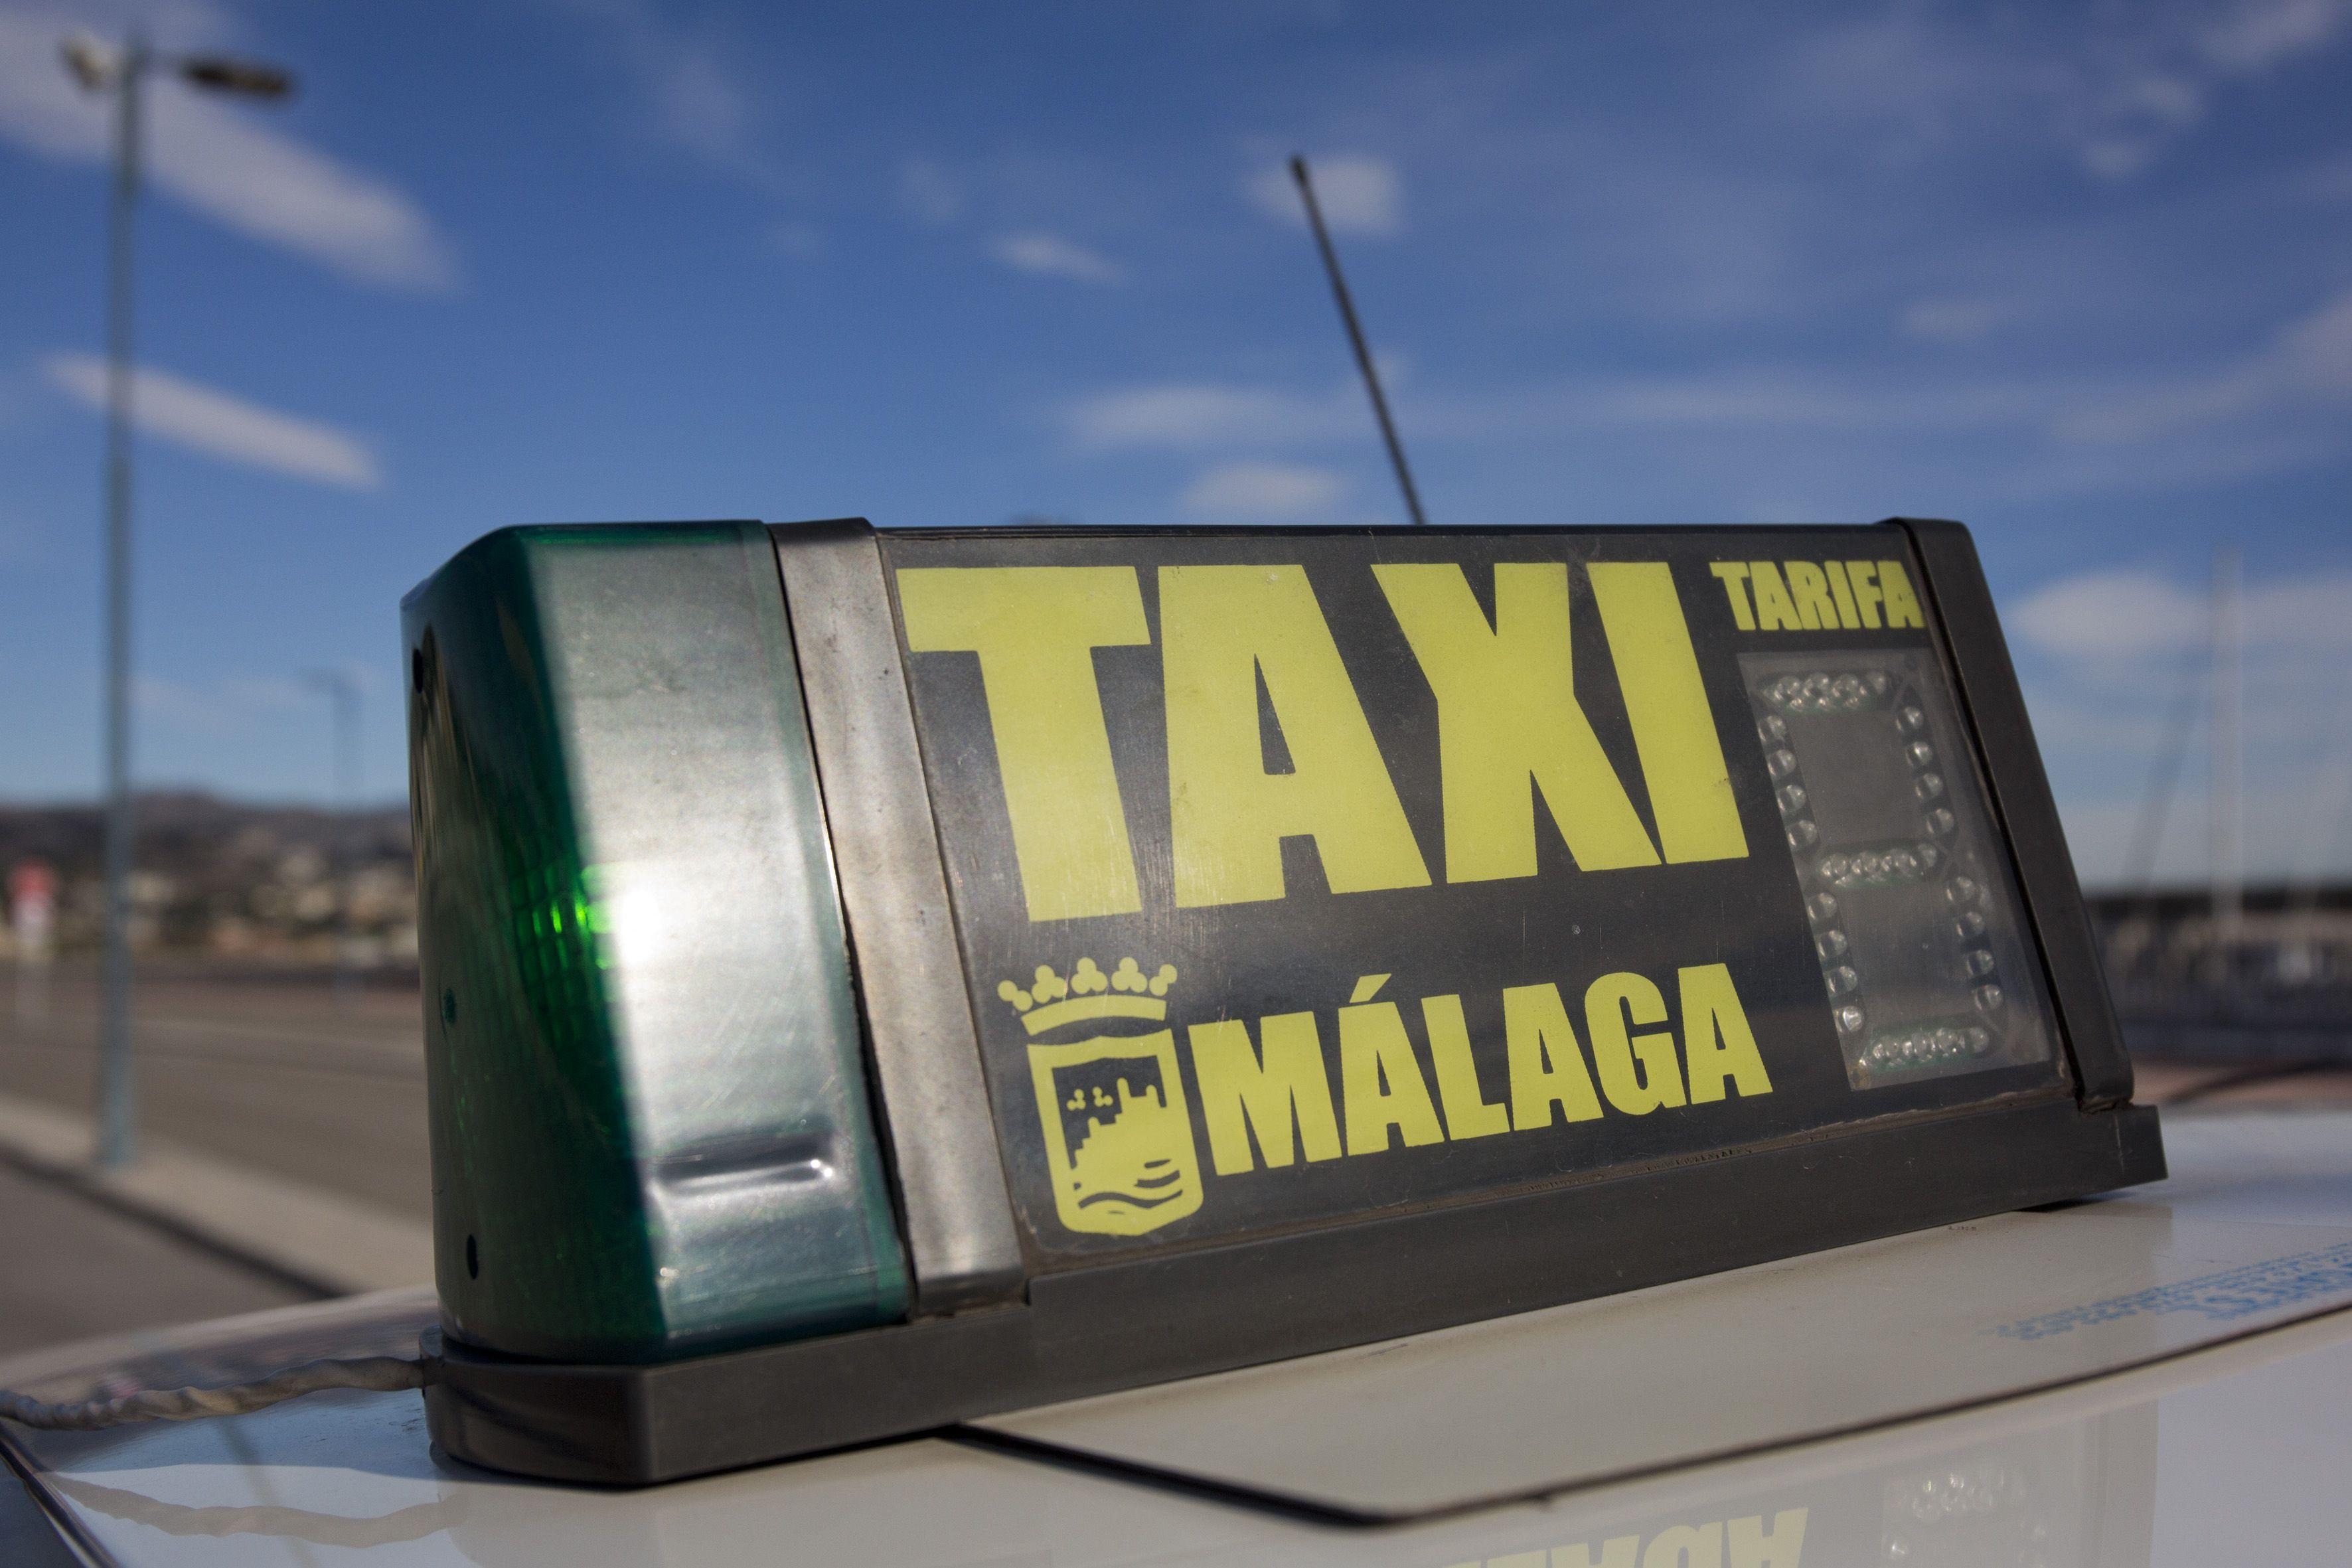 Traslados en taxi  en Málaga